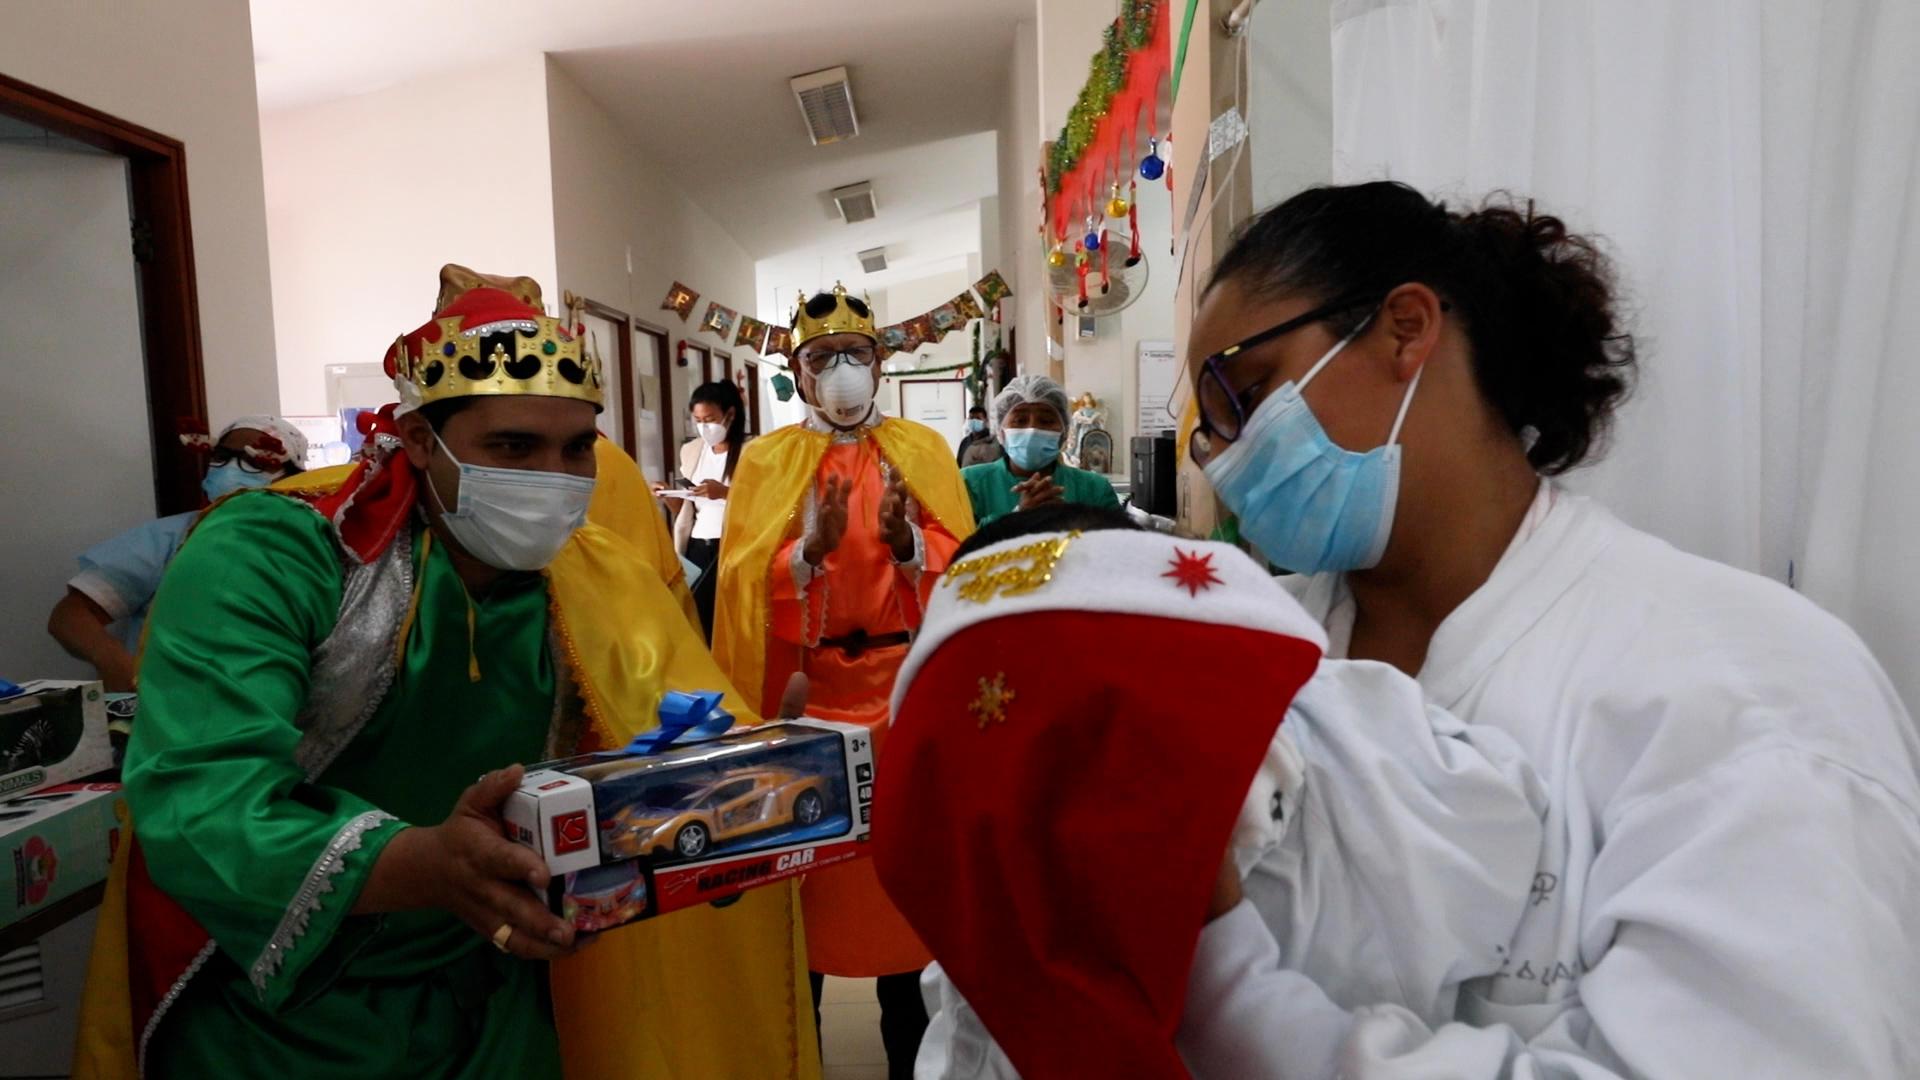 Héroes en primera línea de EsSalud llevaron alegría a sus pacientes en festividad de Bajada de Reyes